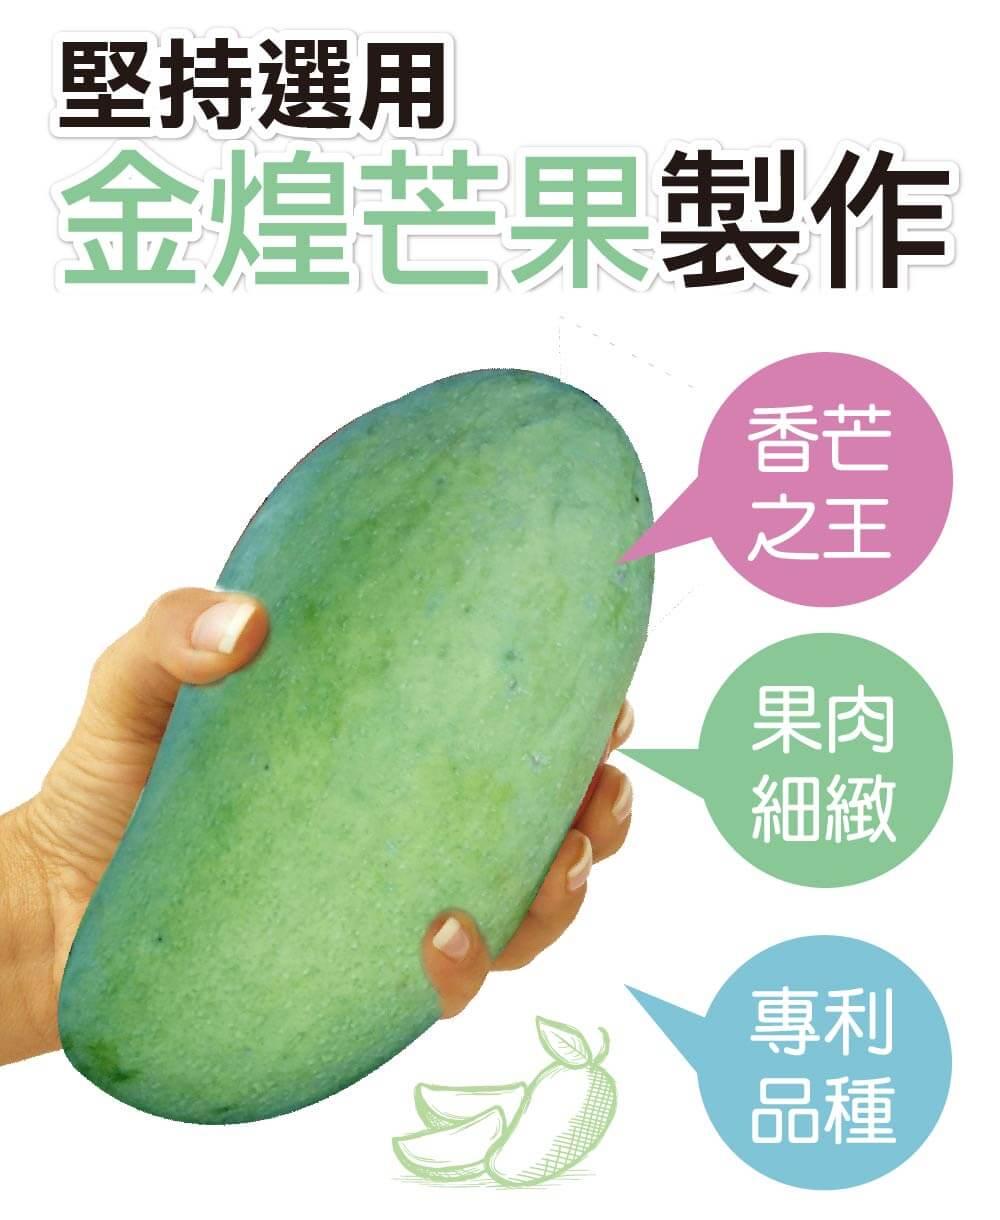 《手作情人果冰》》情人果冰選用 金煌  芒果製作的堅持